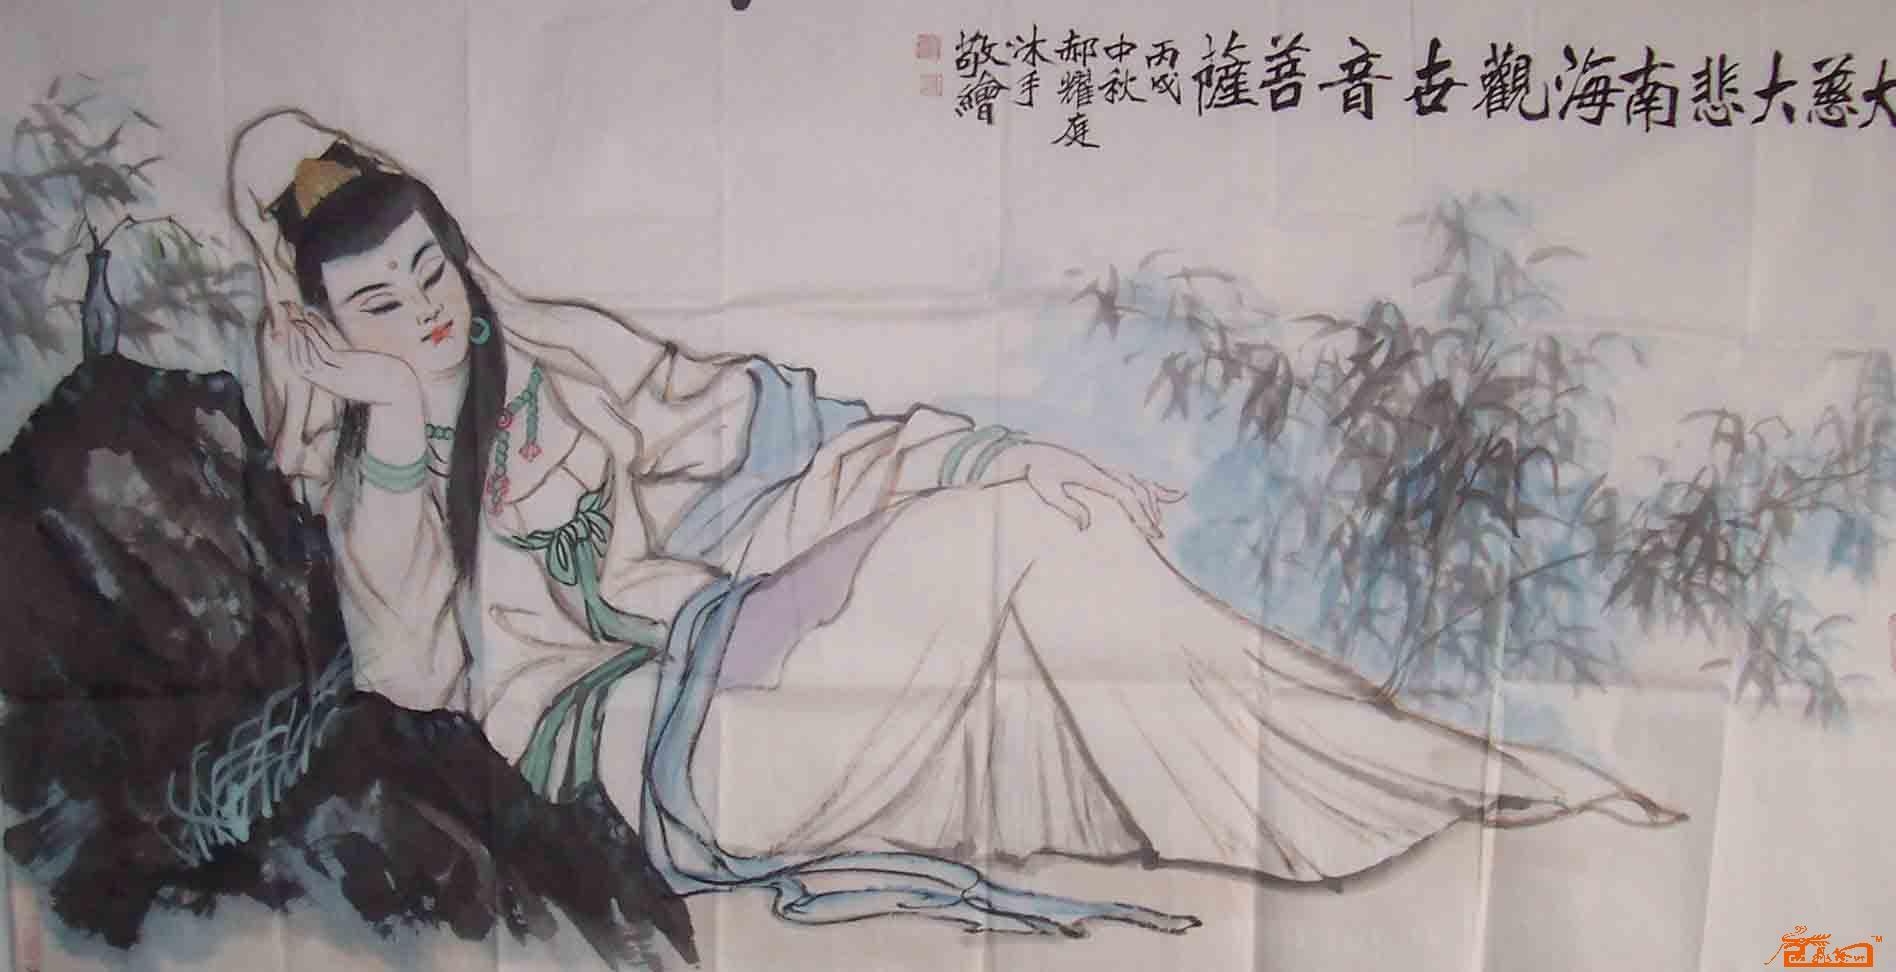 【精品绘画】中国现代人物画精选 - 石墨阁艺术论坛 - 石墨阁艺术论坛--雨濃的博客